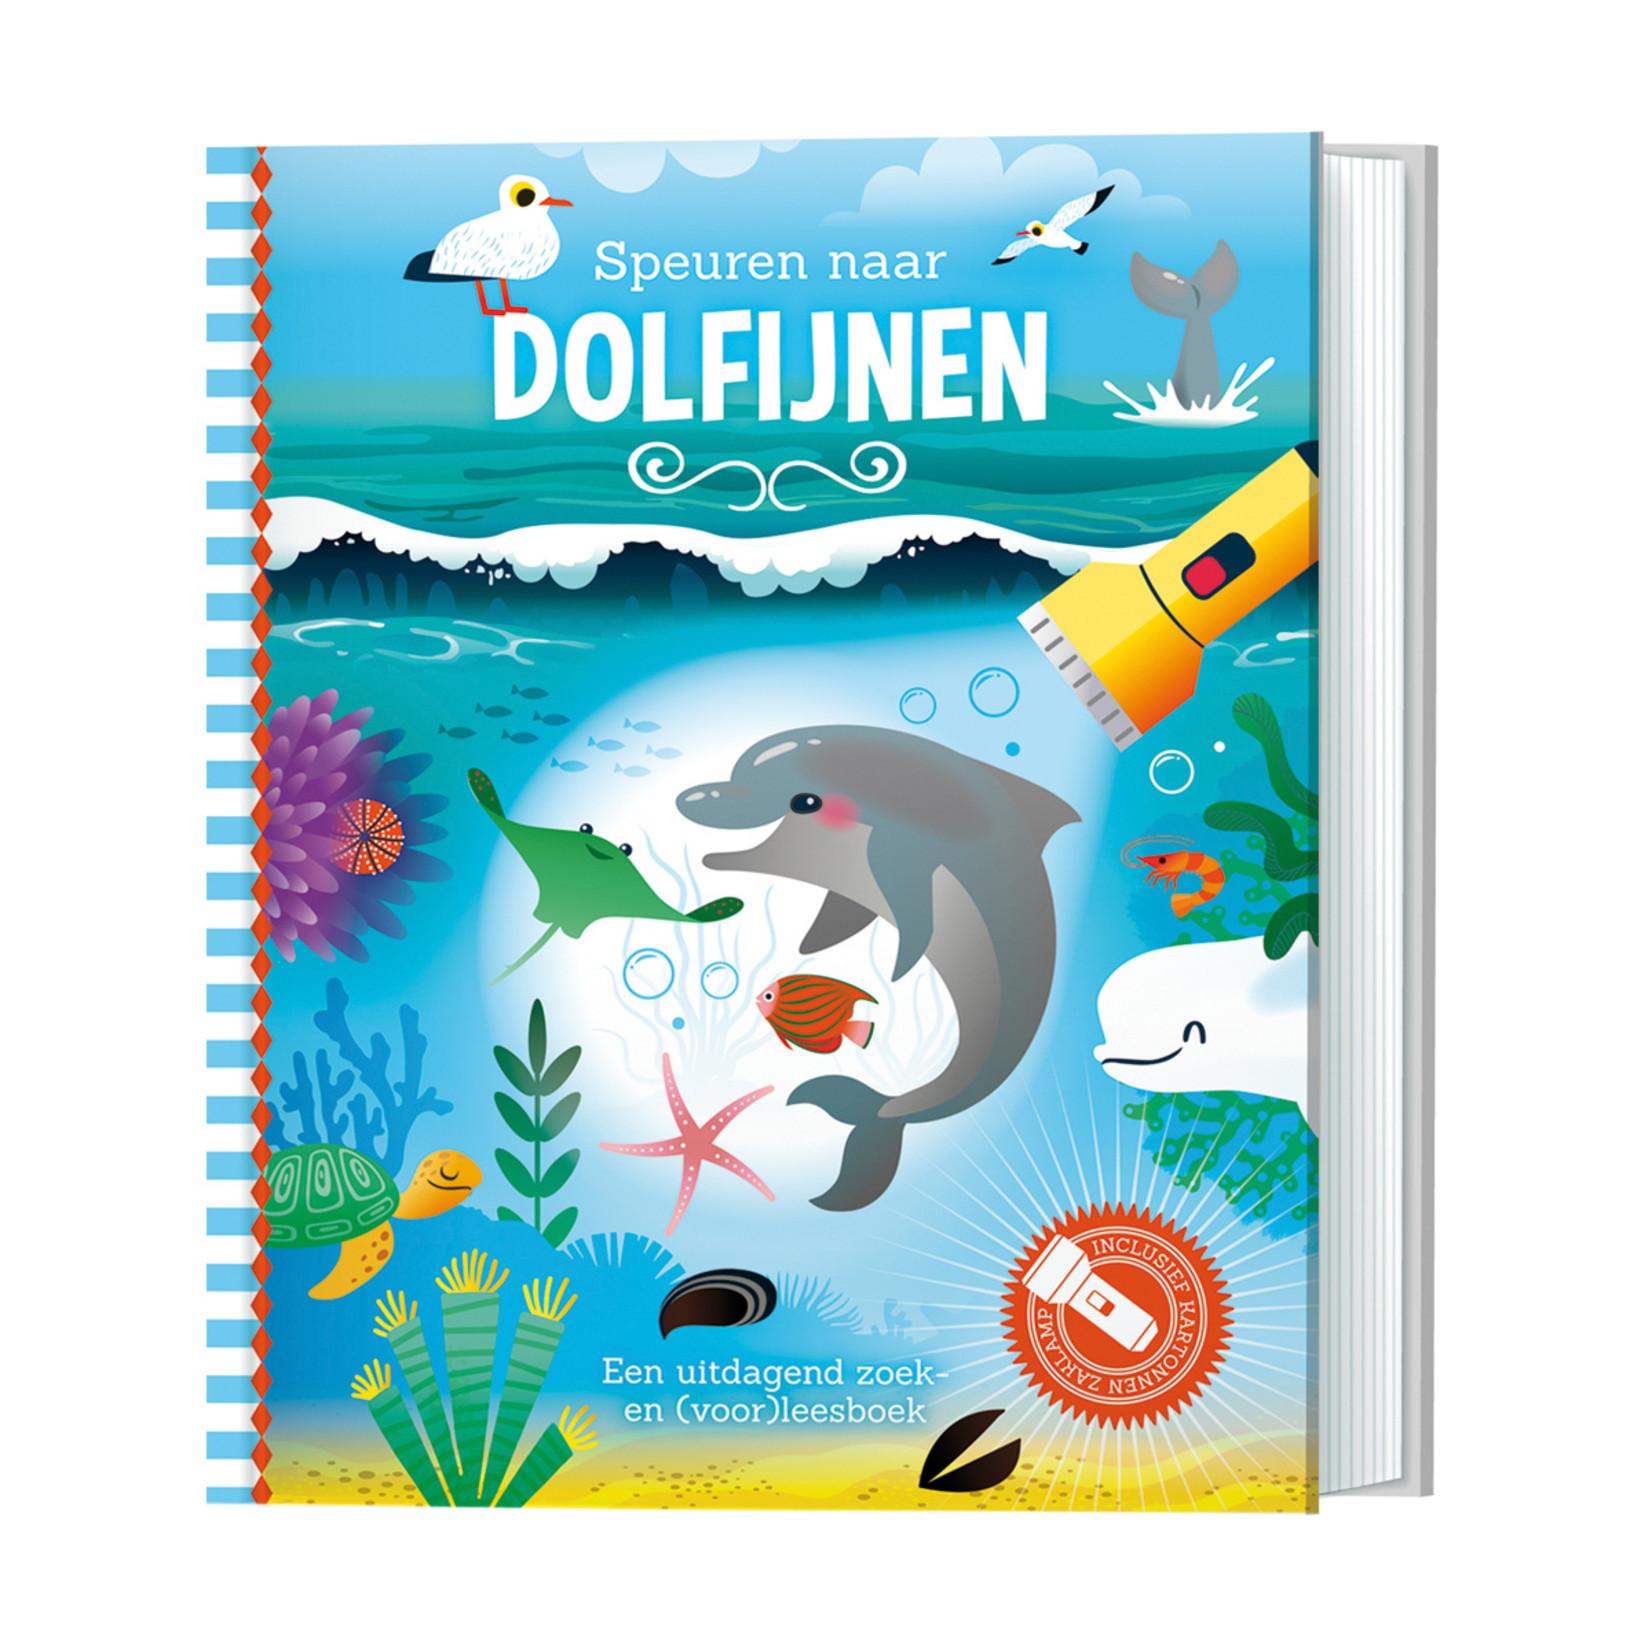 Zaklampboek - Speuren naar dolfijnen